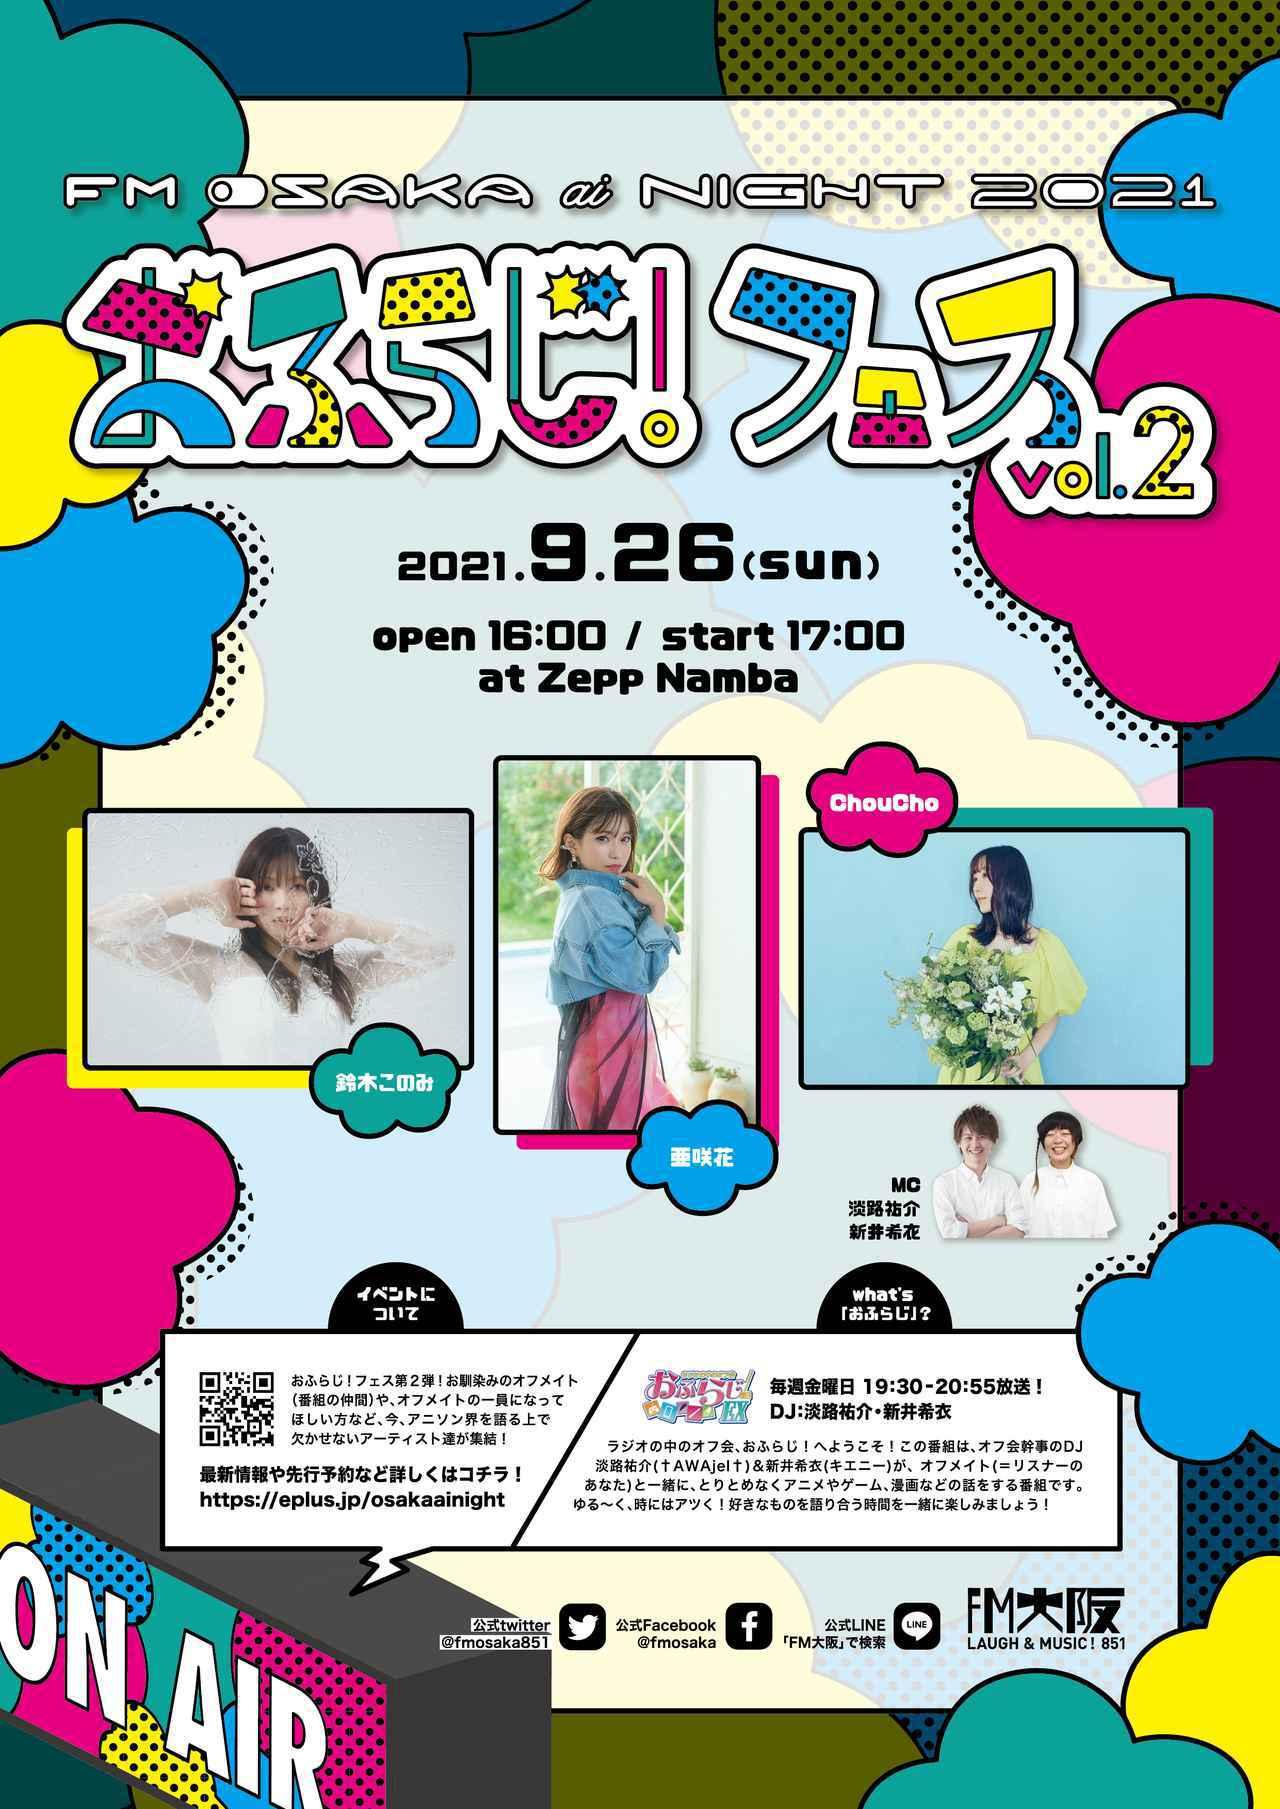 画像: 【チケット先着受付中!】FM OSAKA ai Night 2021 ~おふらじ!フェス vol.2~ - FM大阪 85.1